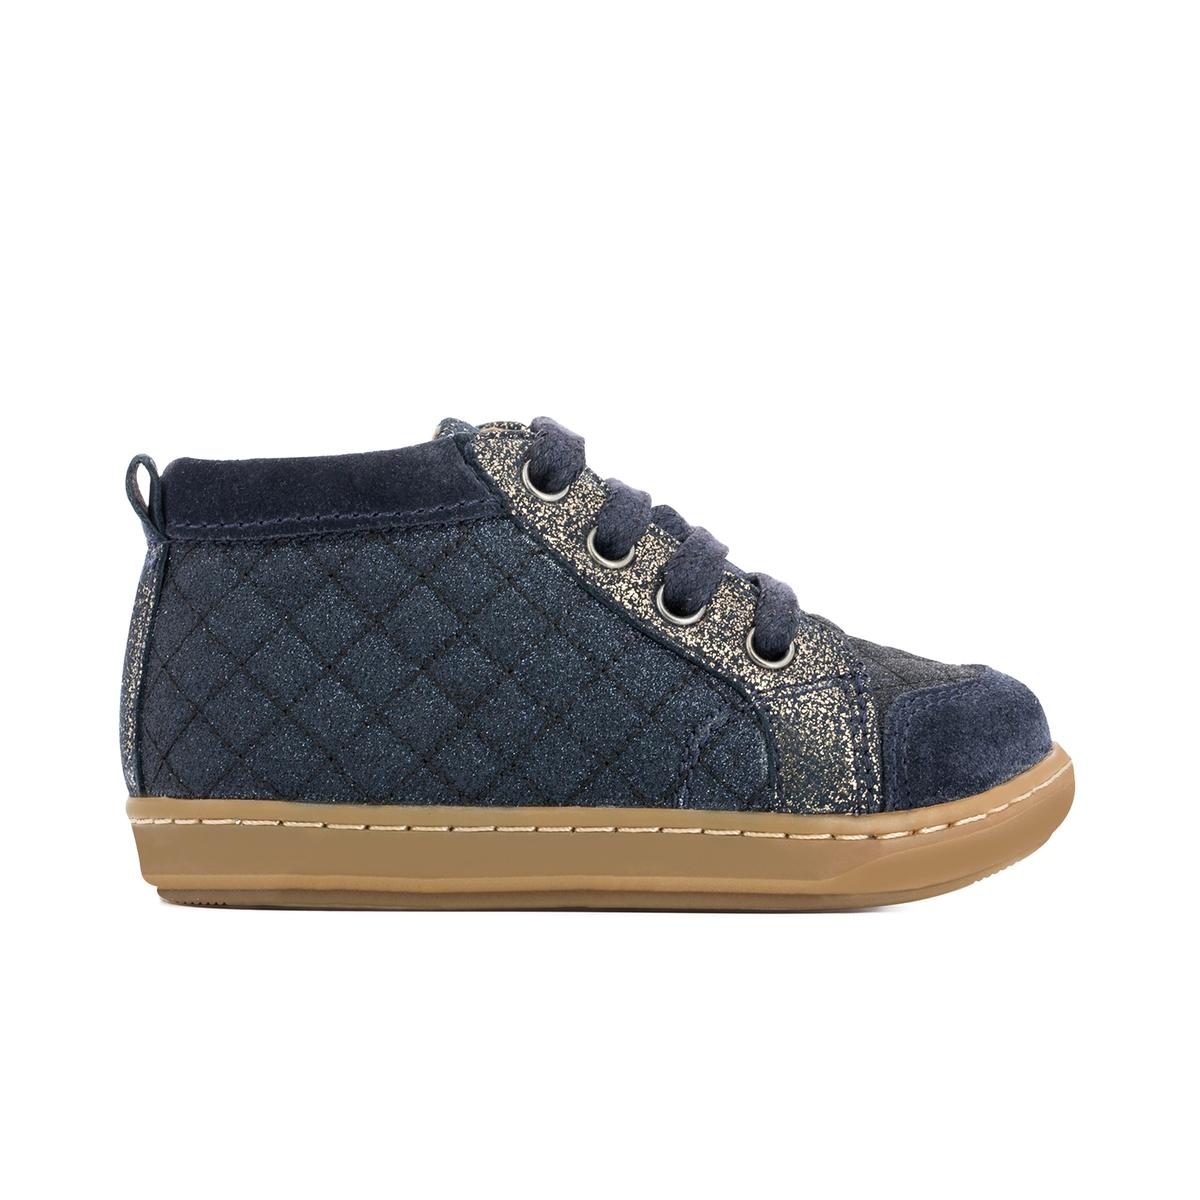 Кеды высокие блестящие BOUBA NEW COVER PADДетали  •  Кеды высокие •  Спортивный стиль •  Плоский каблук •  Высота каблука : 0 см •  Застежка : шнуровка.Состав и уход  •  Верх 100% текстиль •  Стелька 100% кожа •  Подошва 100% каучук<br><br>Цвет: темно-синий/ золотистый